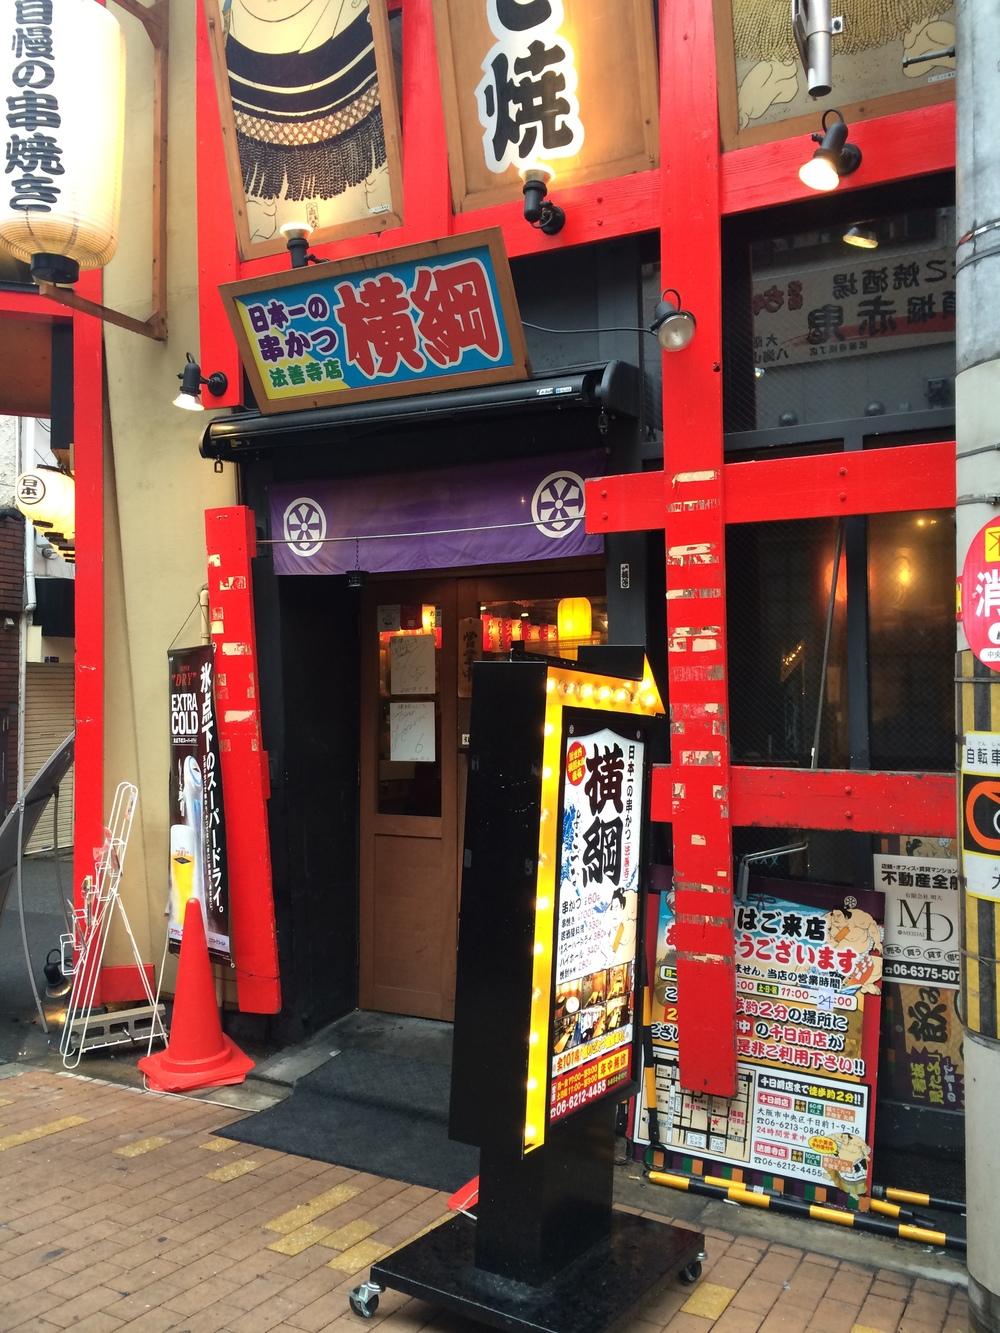 kushi-katsu. my first taste of Japan